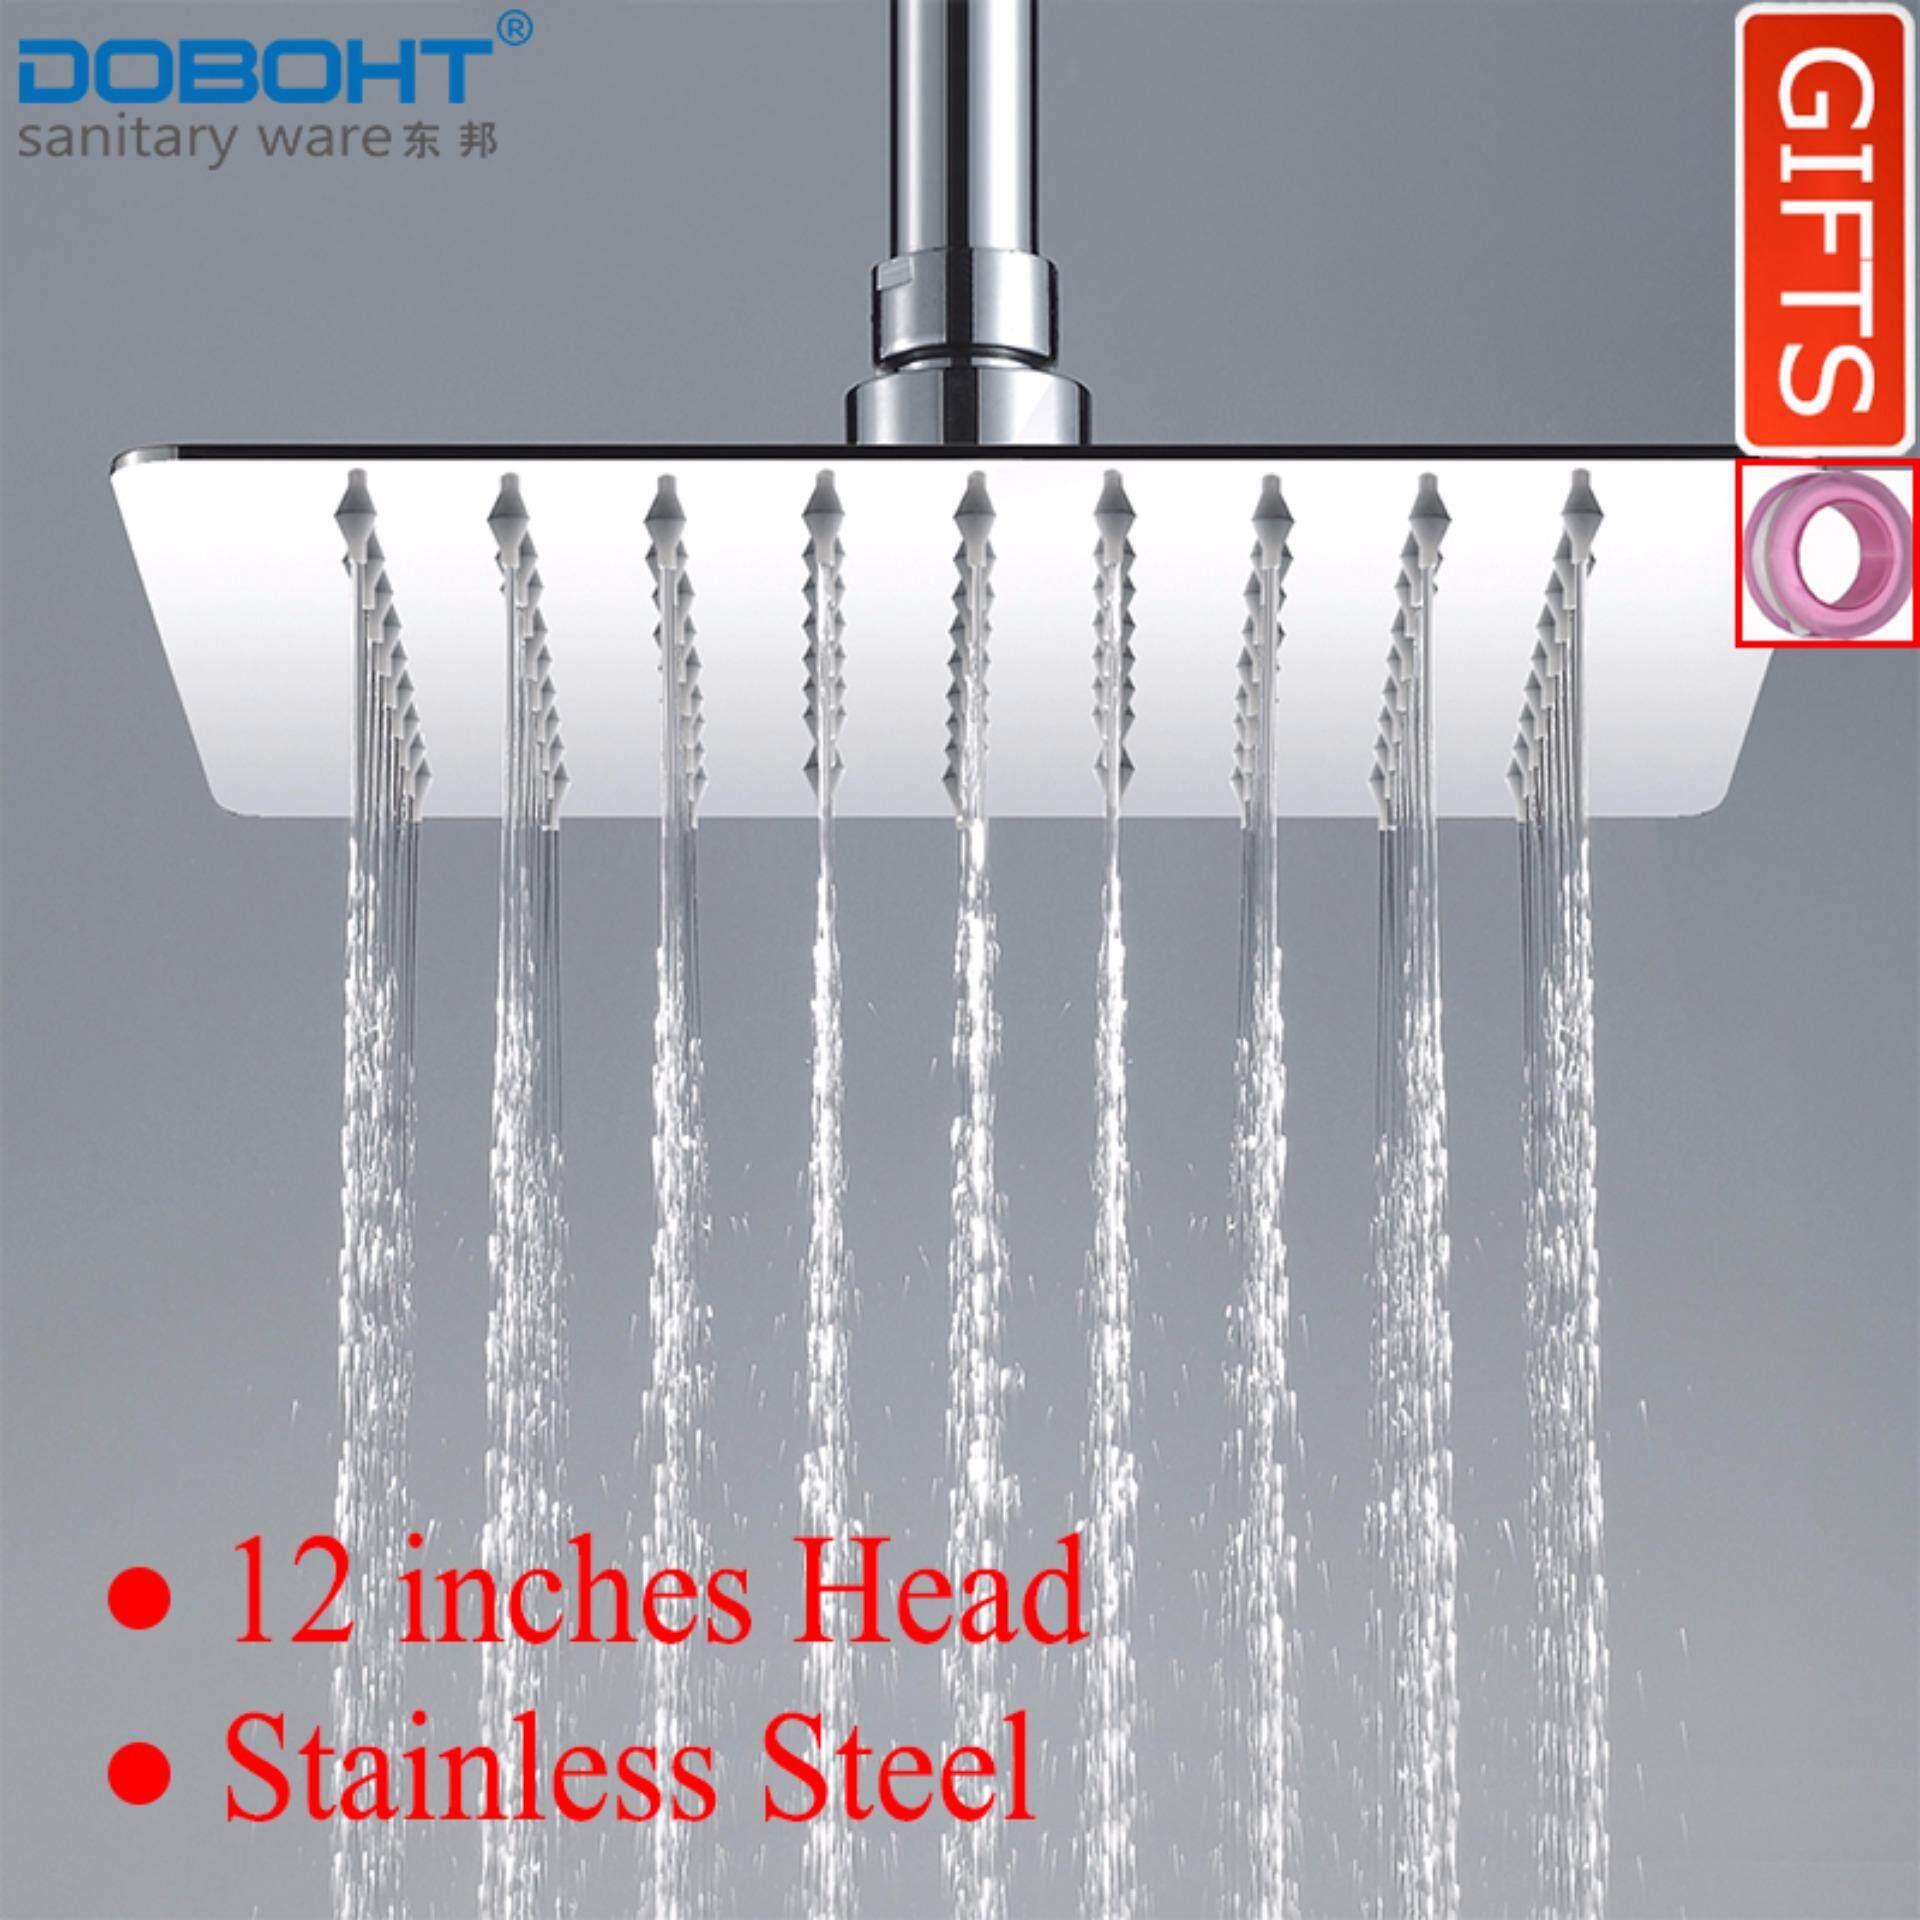 ขาย Doboht ห้องน้ำหน้าแรกปริมาณน้ำฝน 12 นิ้ว Square หัวฝักบัวสแตนเลสห้องน้ำ Sprayer ด้านบน ออนไลน์ จีน